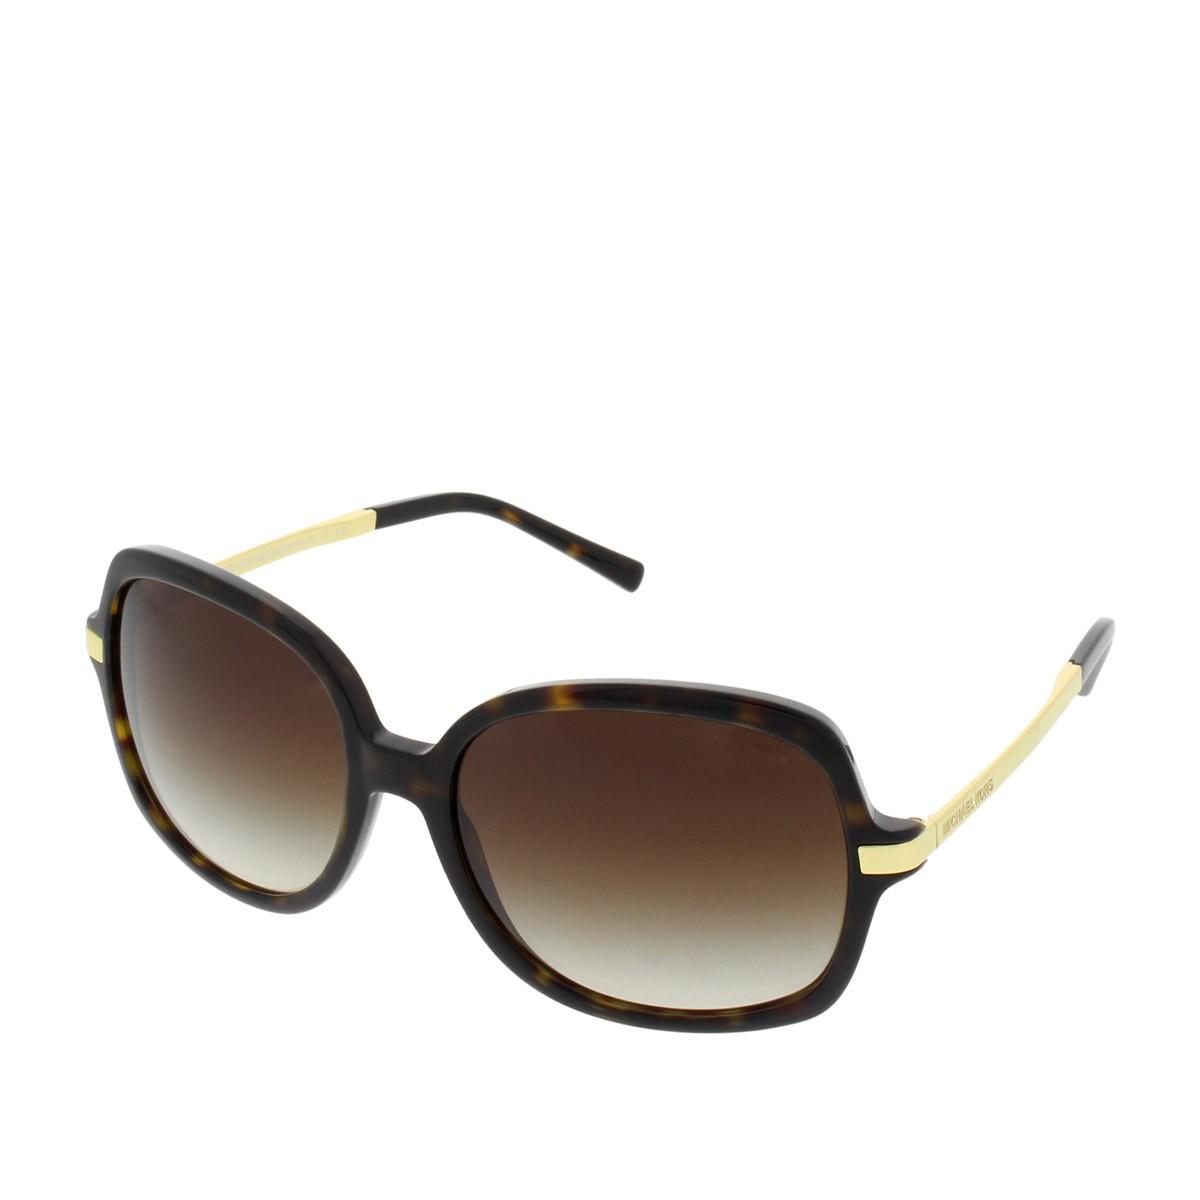 Michael Kors Sonnenbrille - MK 0MK2024 57 310613 - in braun - für Damen